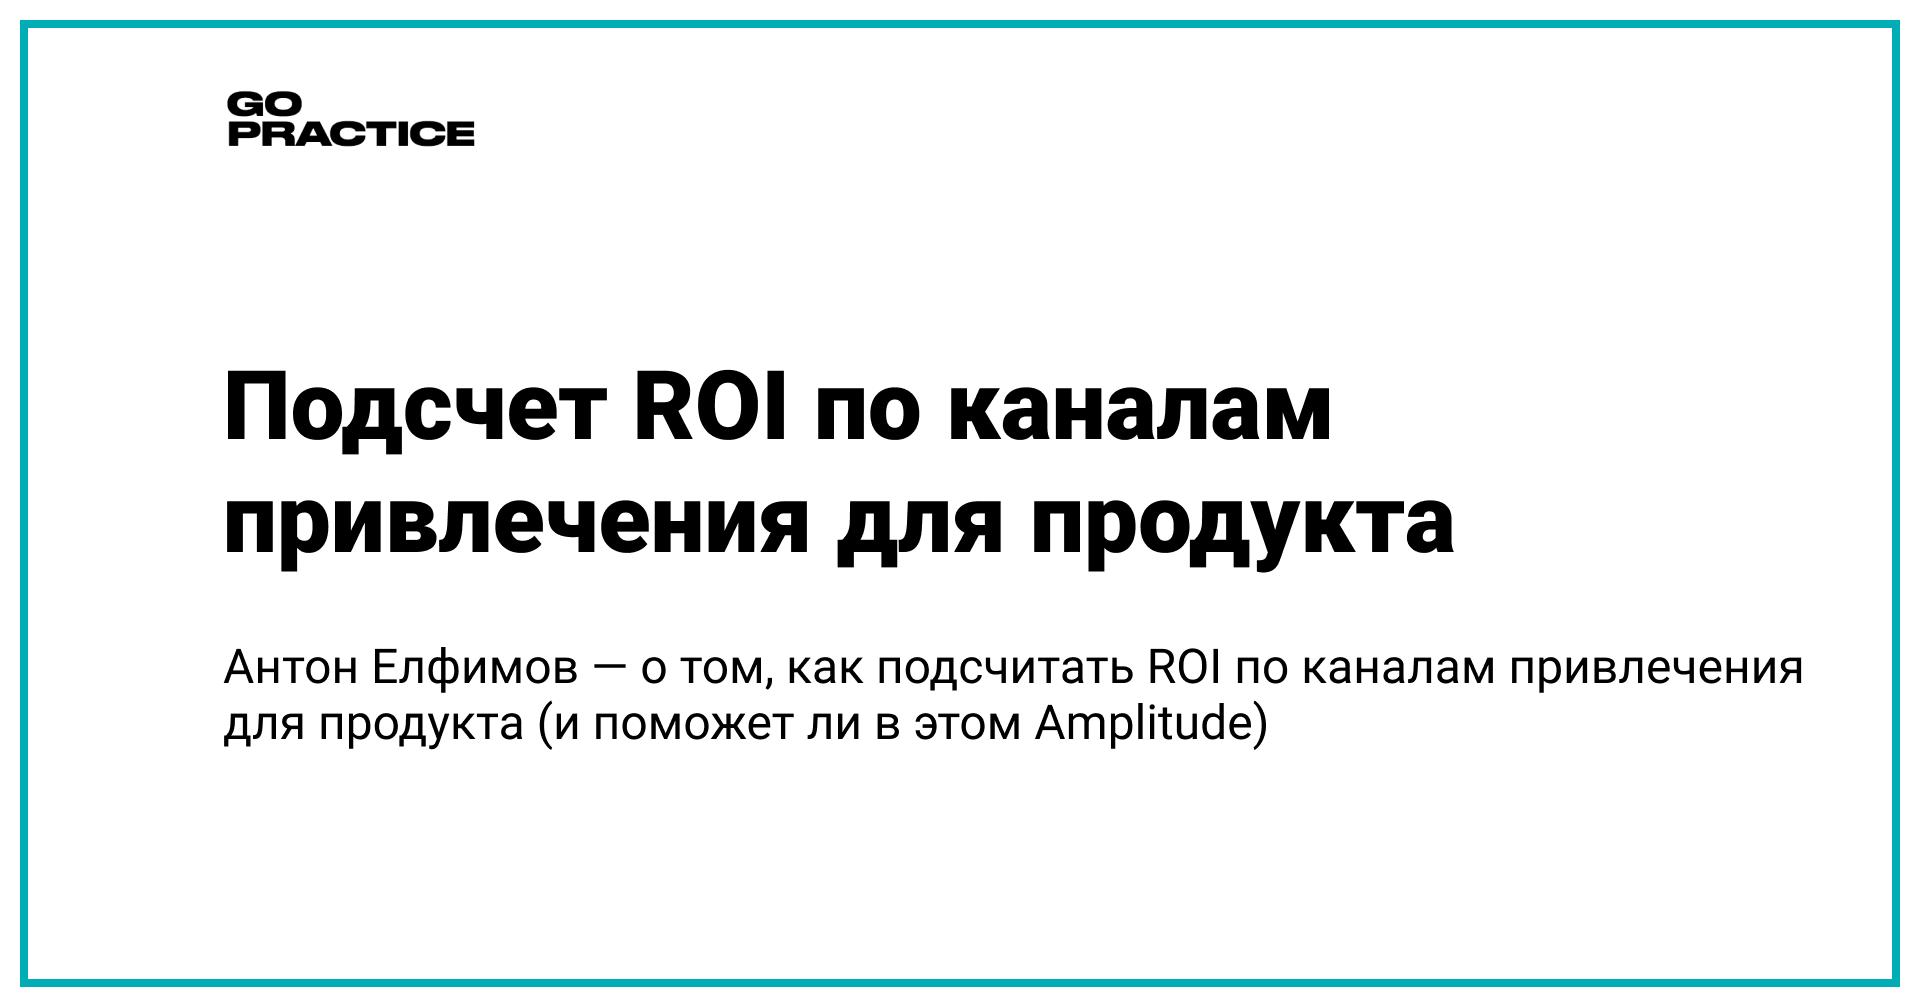 Как посчитать ROI по каналам привлечения для продукта? Можно ли сделать это в Amplitude?